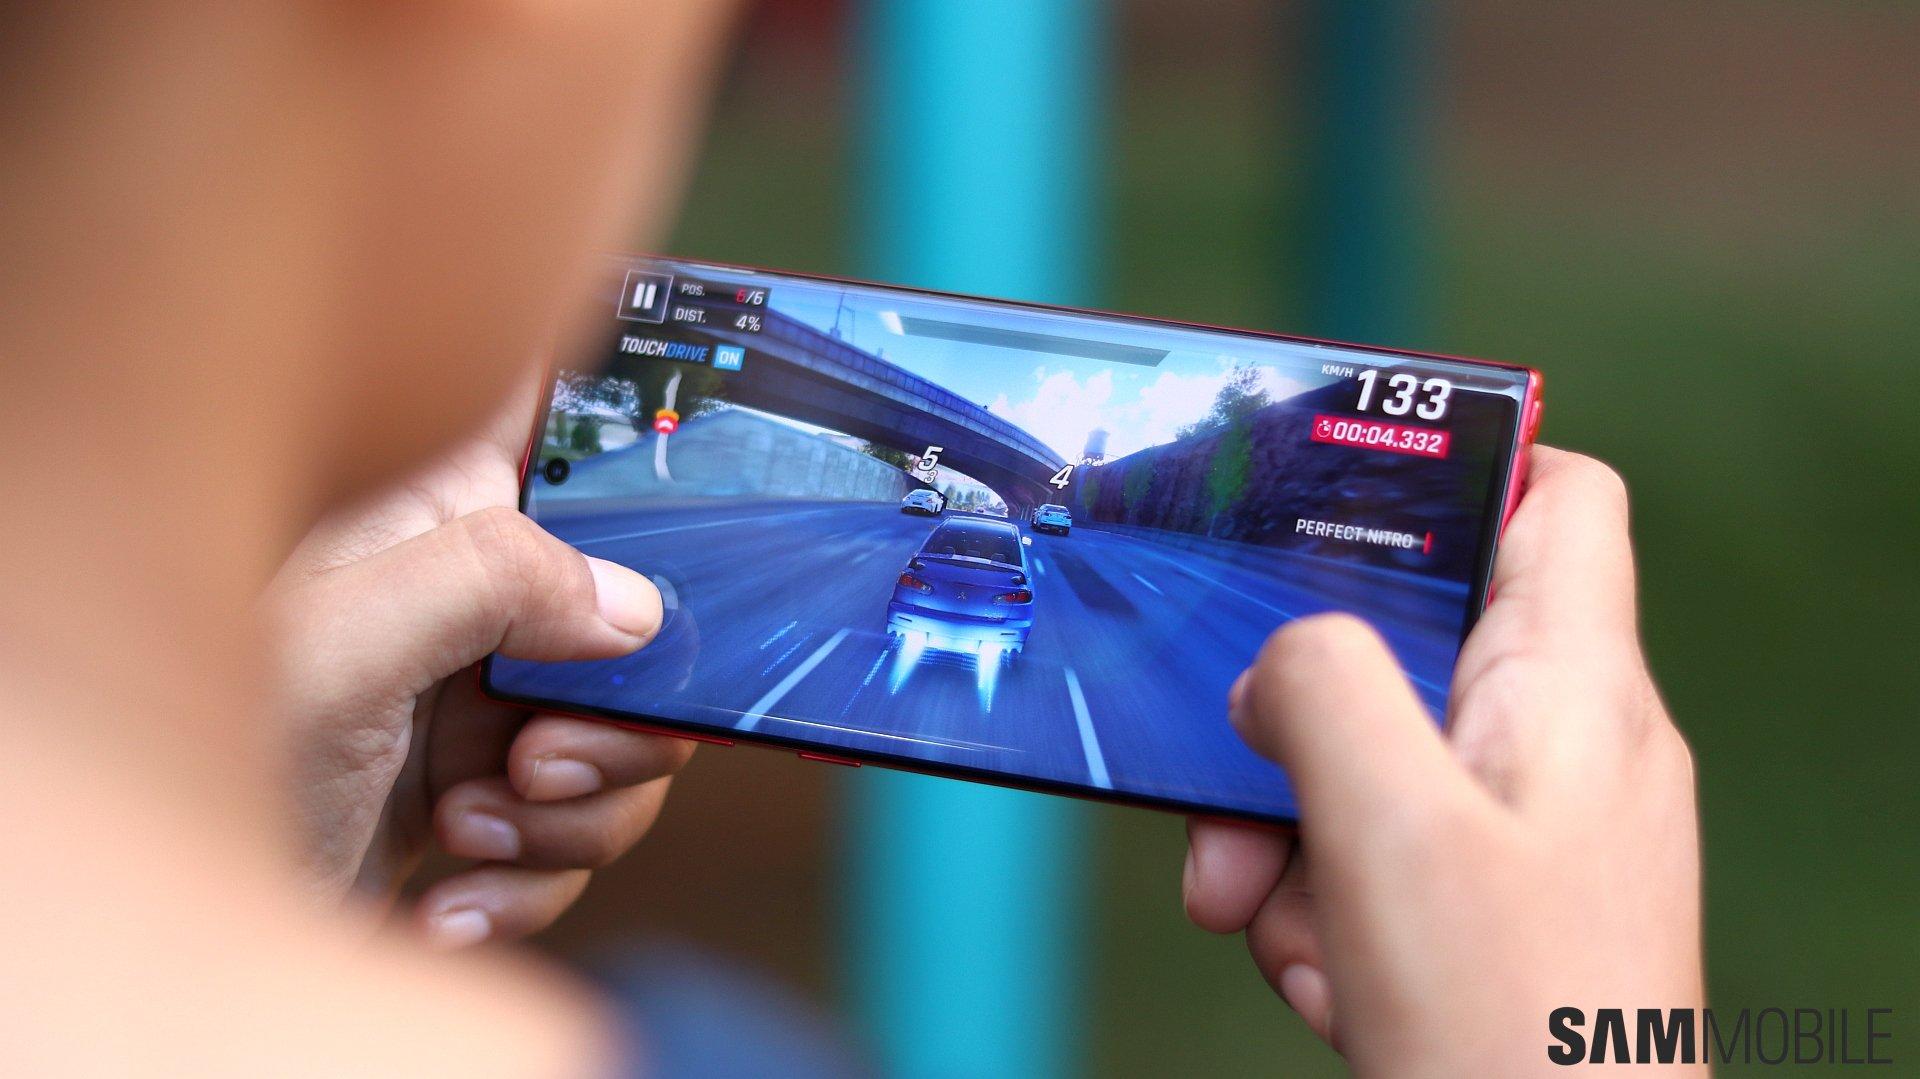 سامسونج Galaxy Note  10 مراجعة: مضغوط Note بالنسبة لأولئك الذين يريدون واحد 3